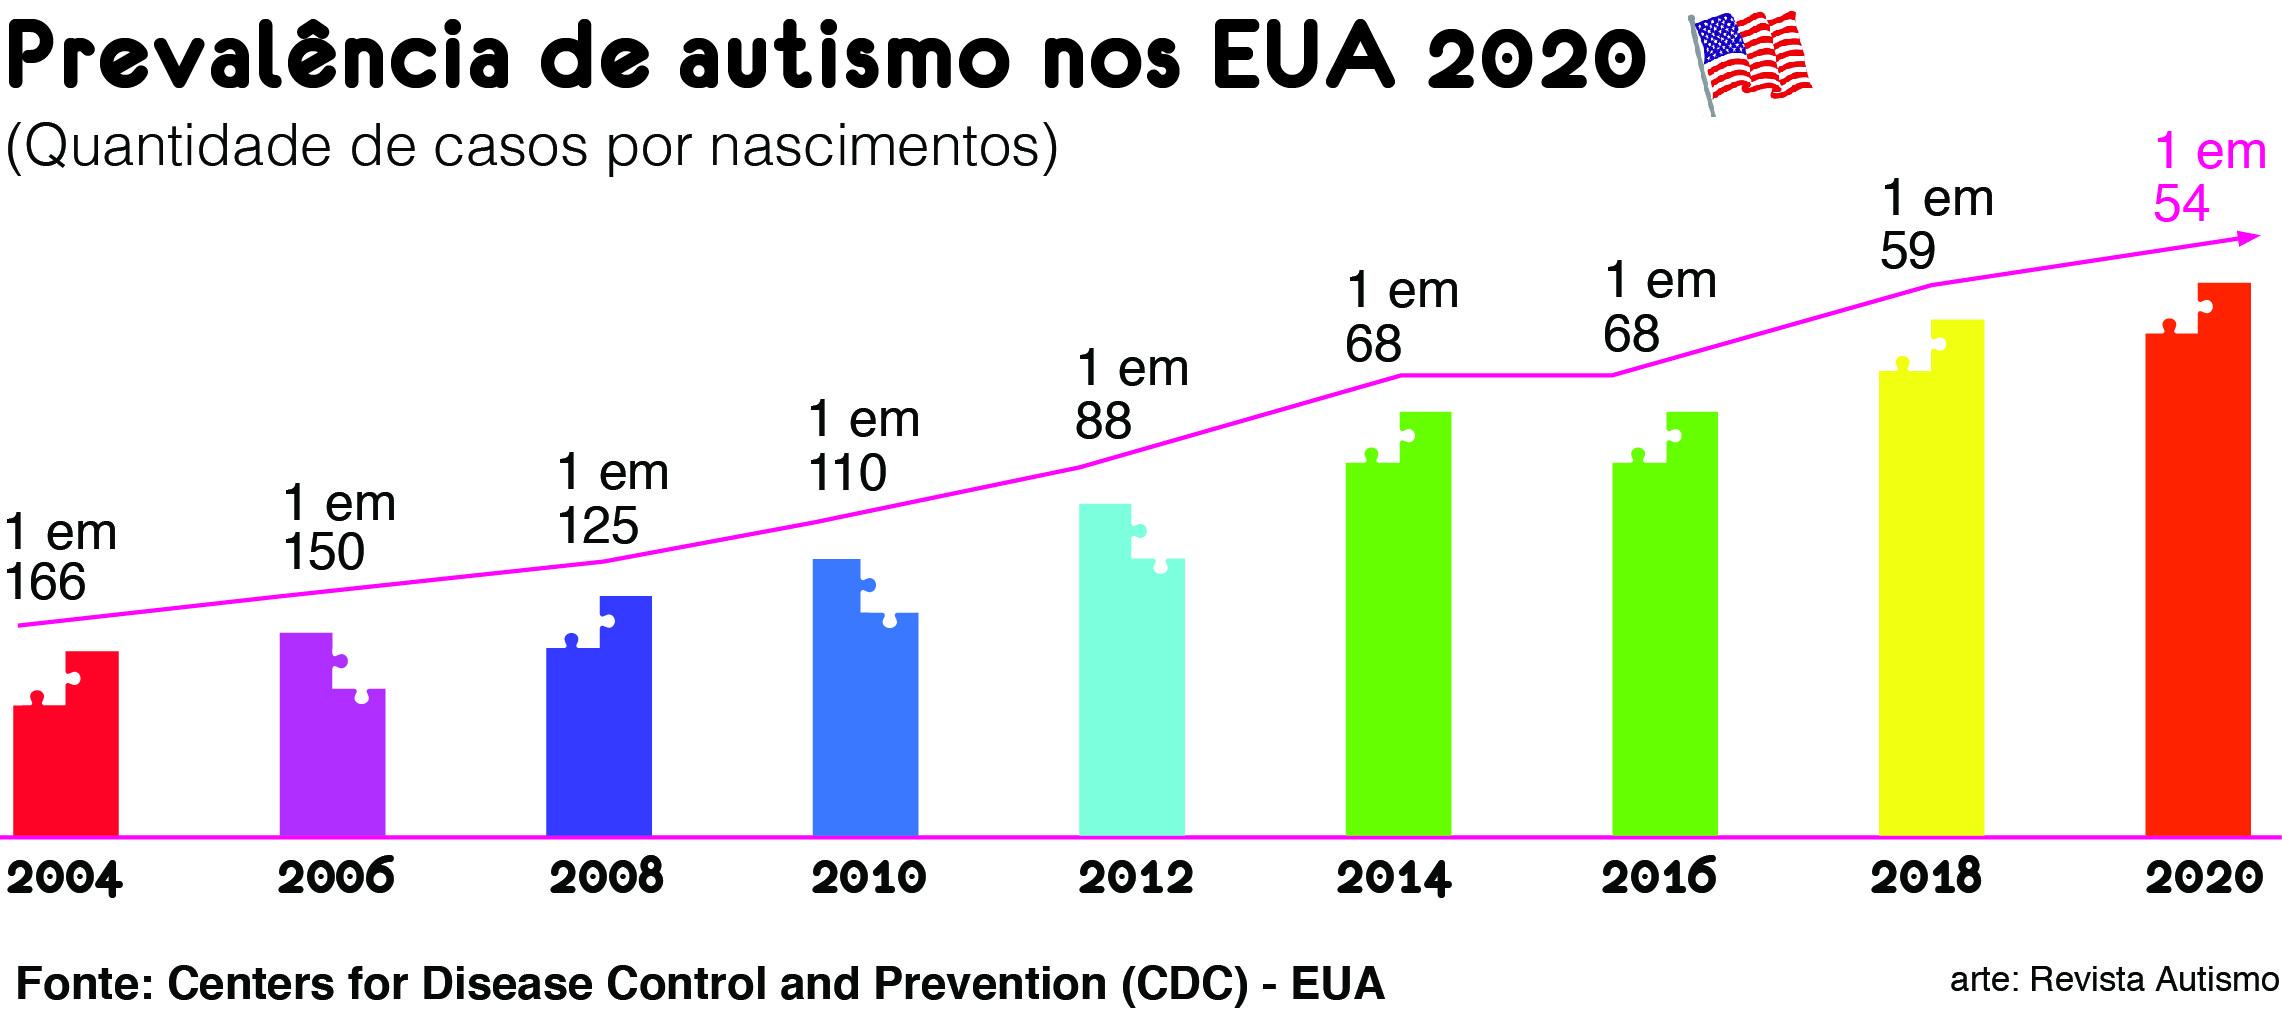 Gráfico de prevalência de autismo nos EUA, com dados bianuais do CDC — Revista Autismo